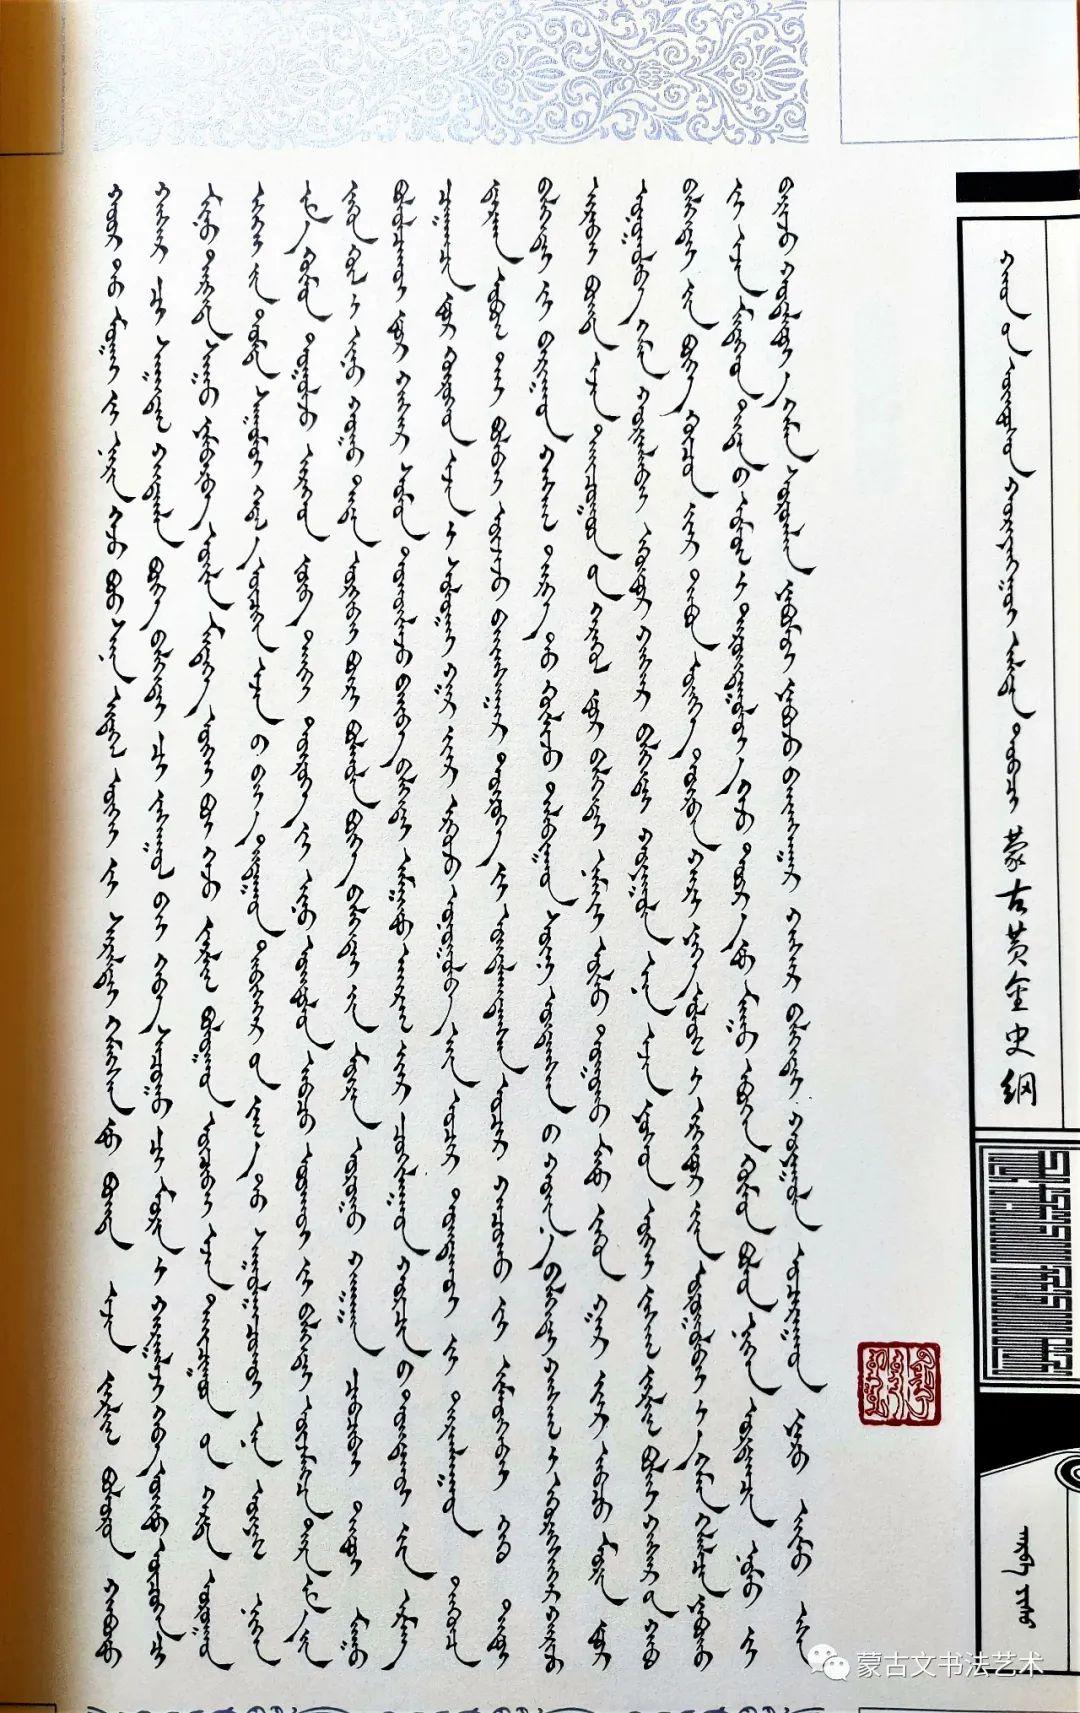 蒙古文经典文献当代书法名家手抄本之那顺德力格尔《蒙古黄金史纲》 第10张